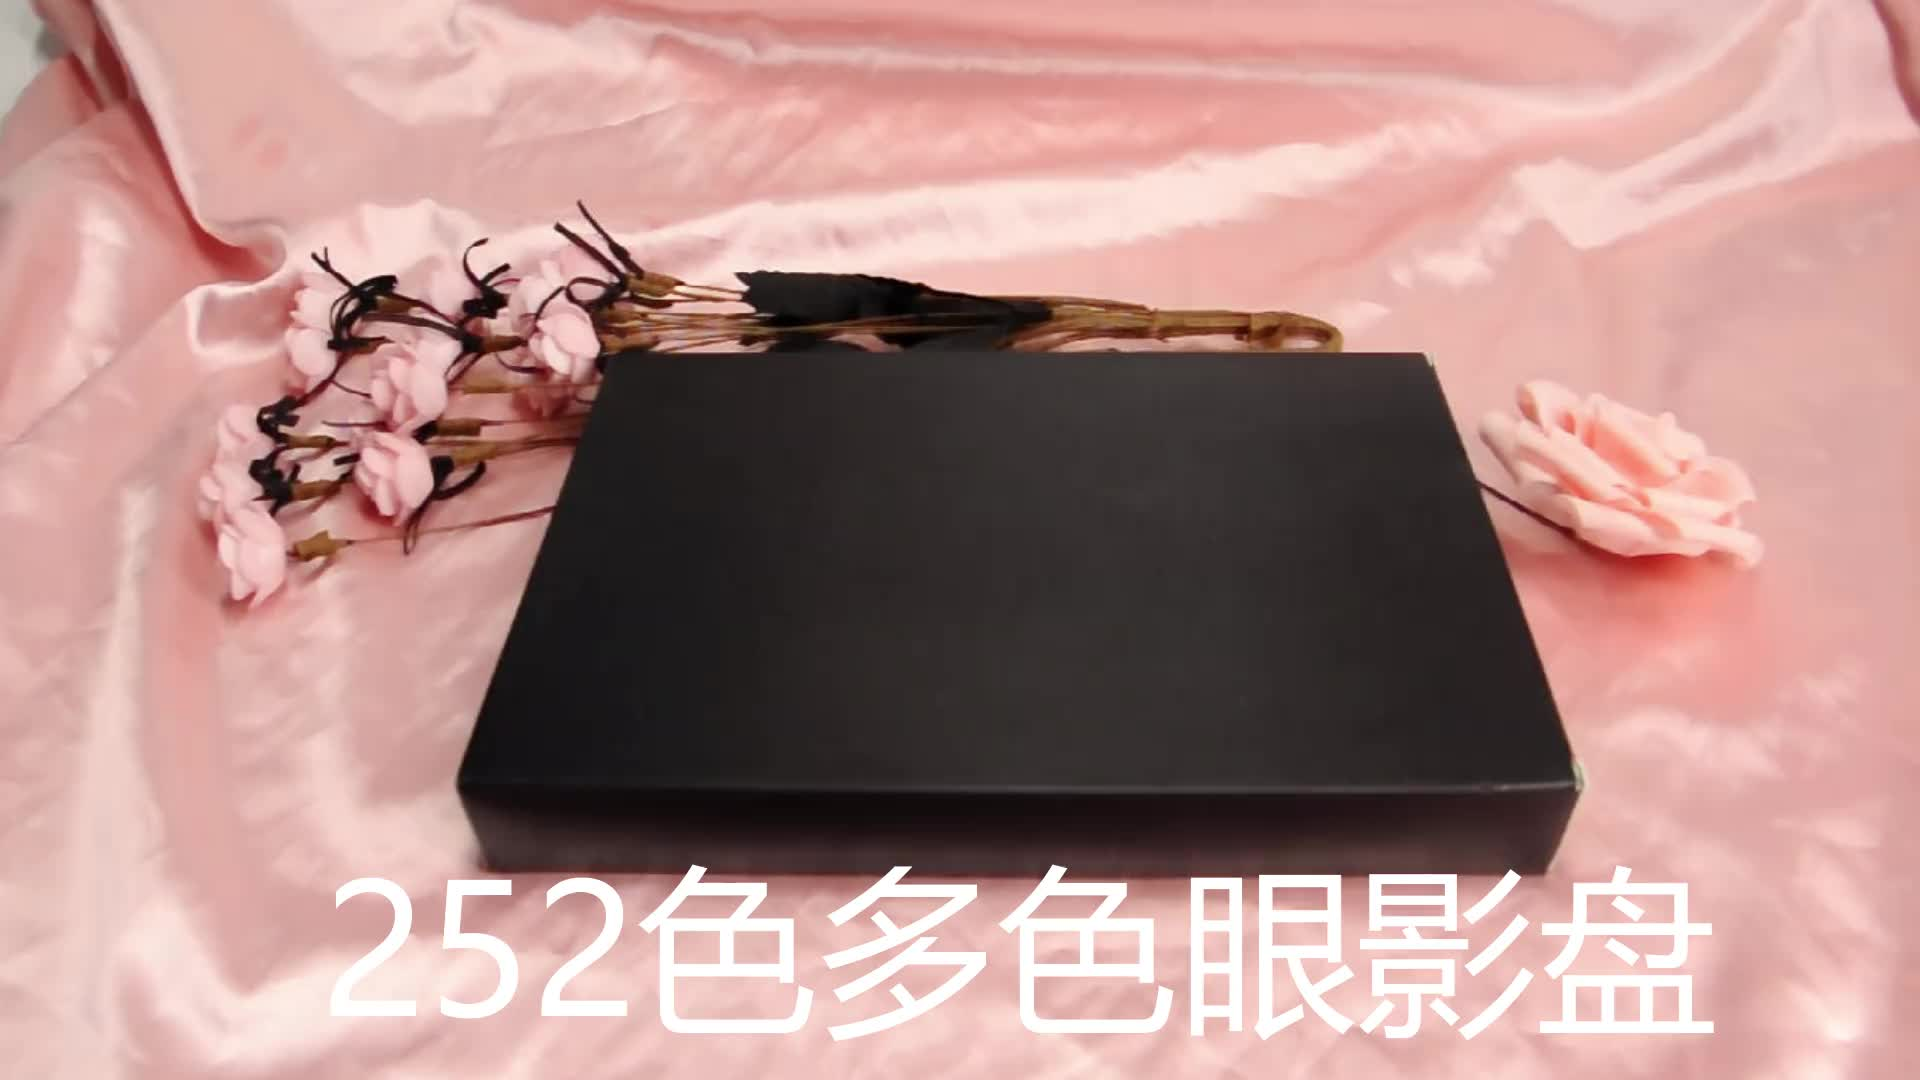 252 Cores Da Paleta Da Sombra Brilho Fosco Sombra de Olho Paleta Shimmer Brilho Nu Make Up Palette Set Kit cosméticos